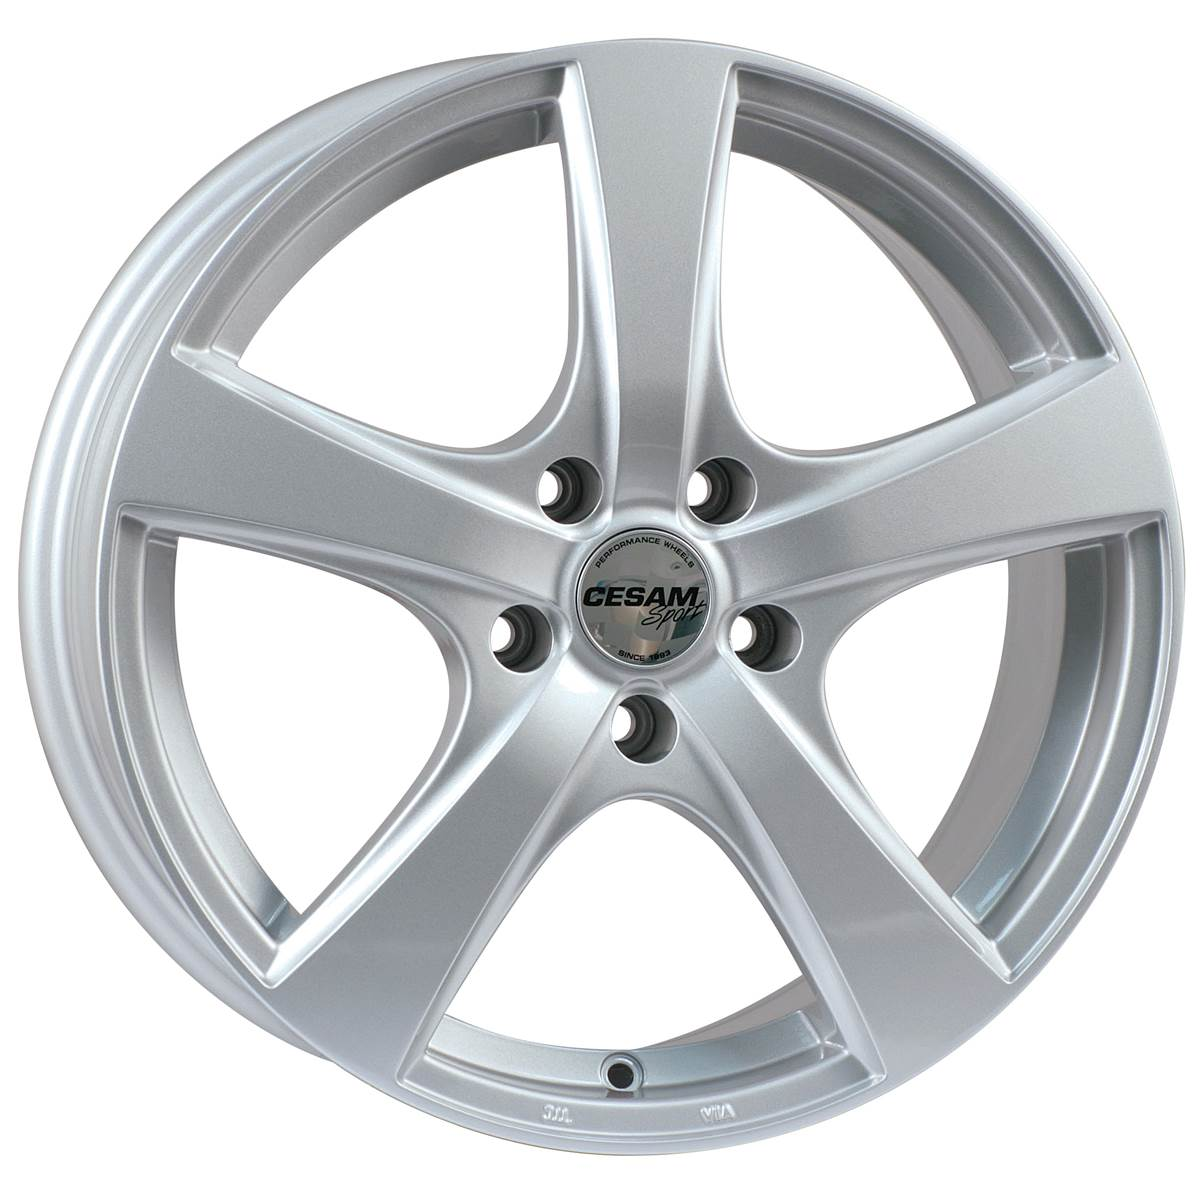 Jante CESAM Artik Silver 6,0x15 5x098ET32